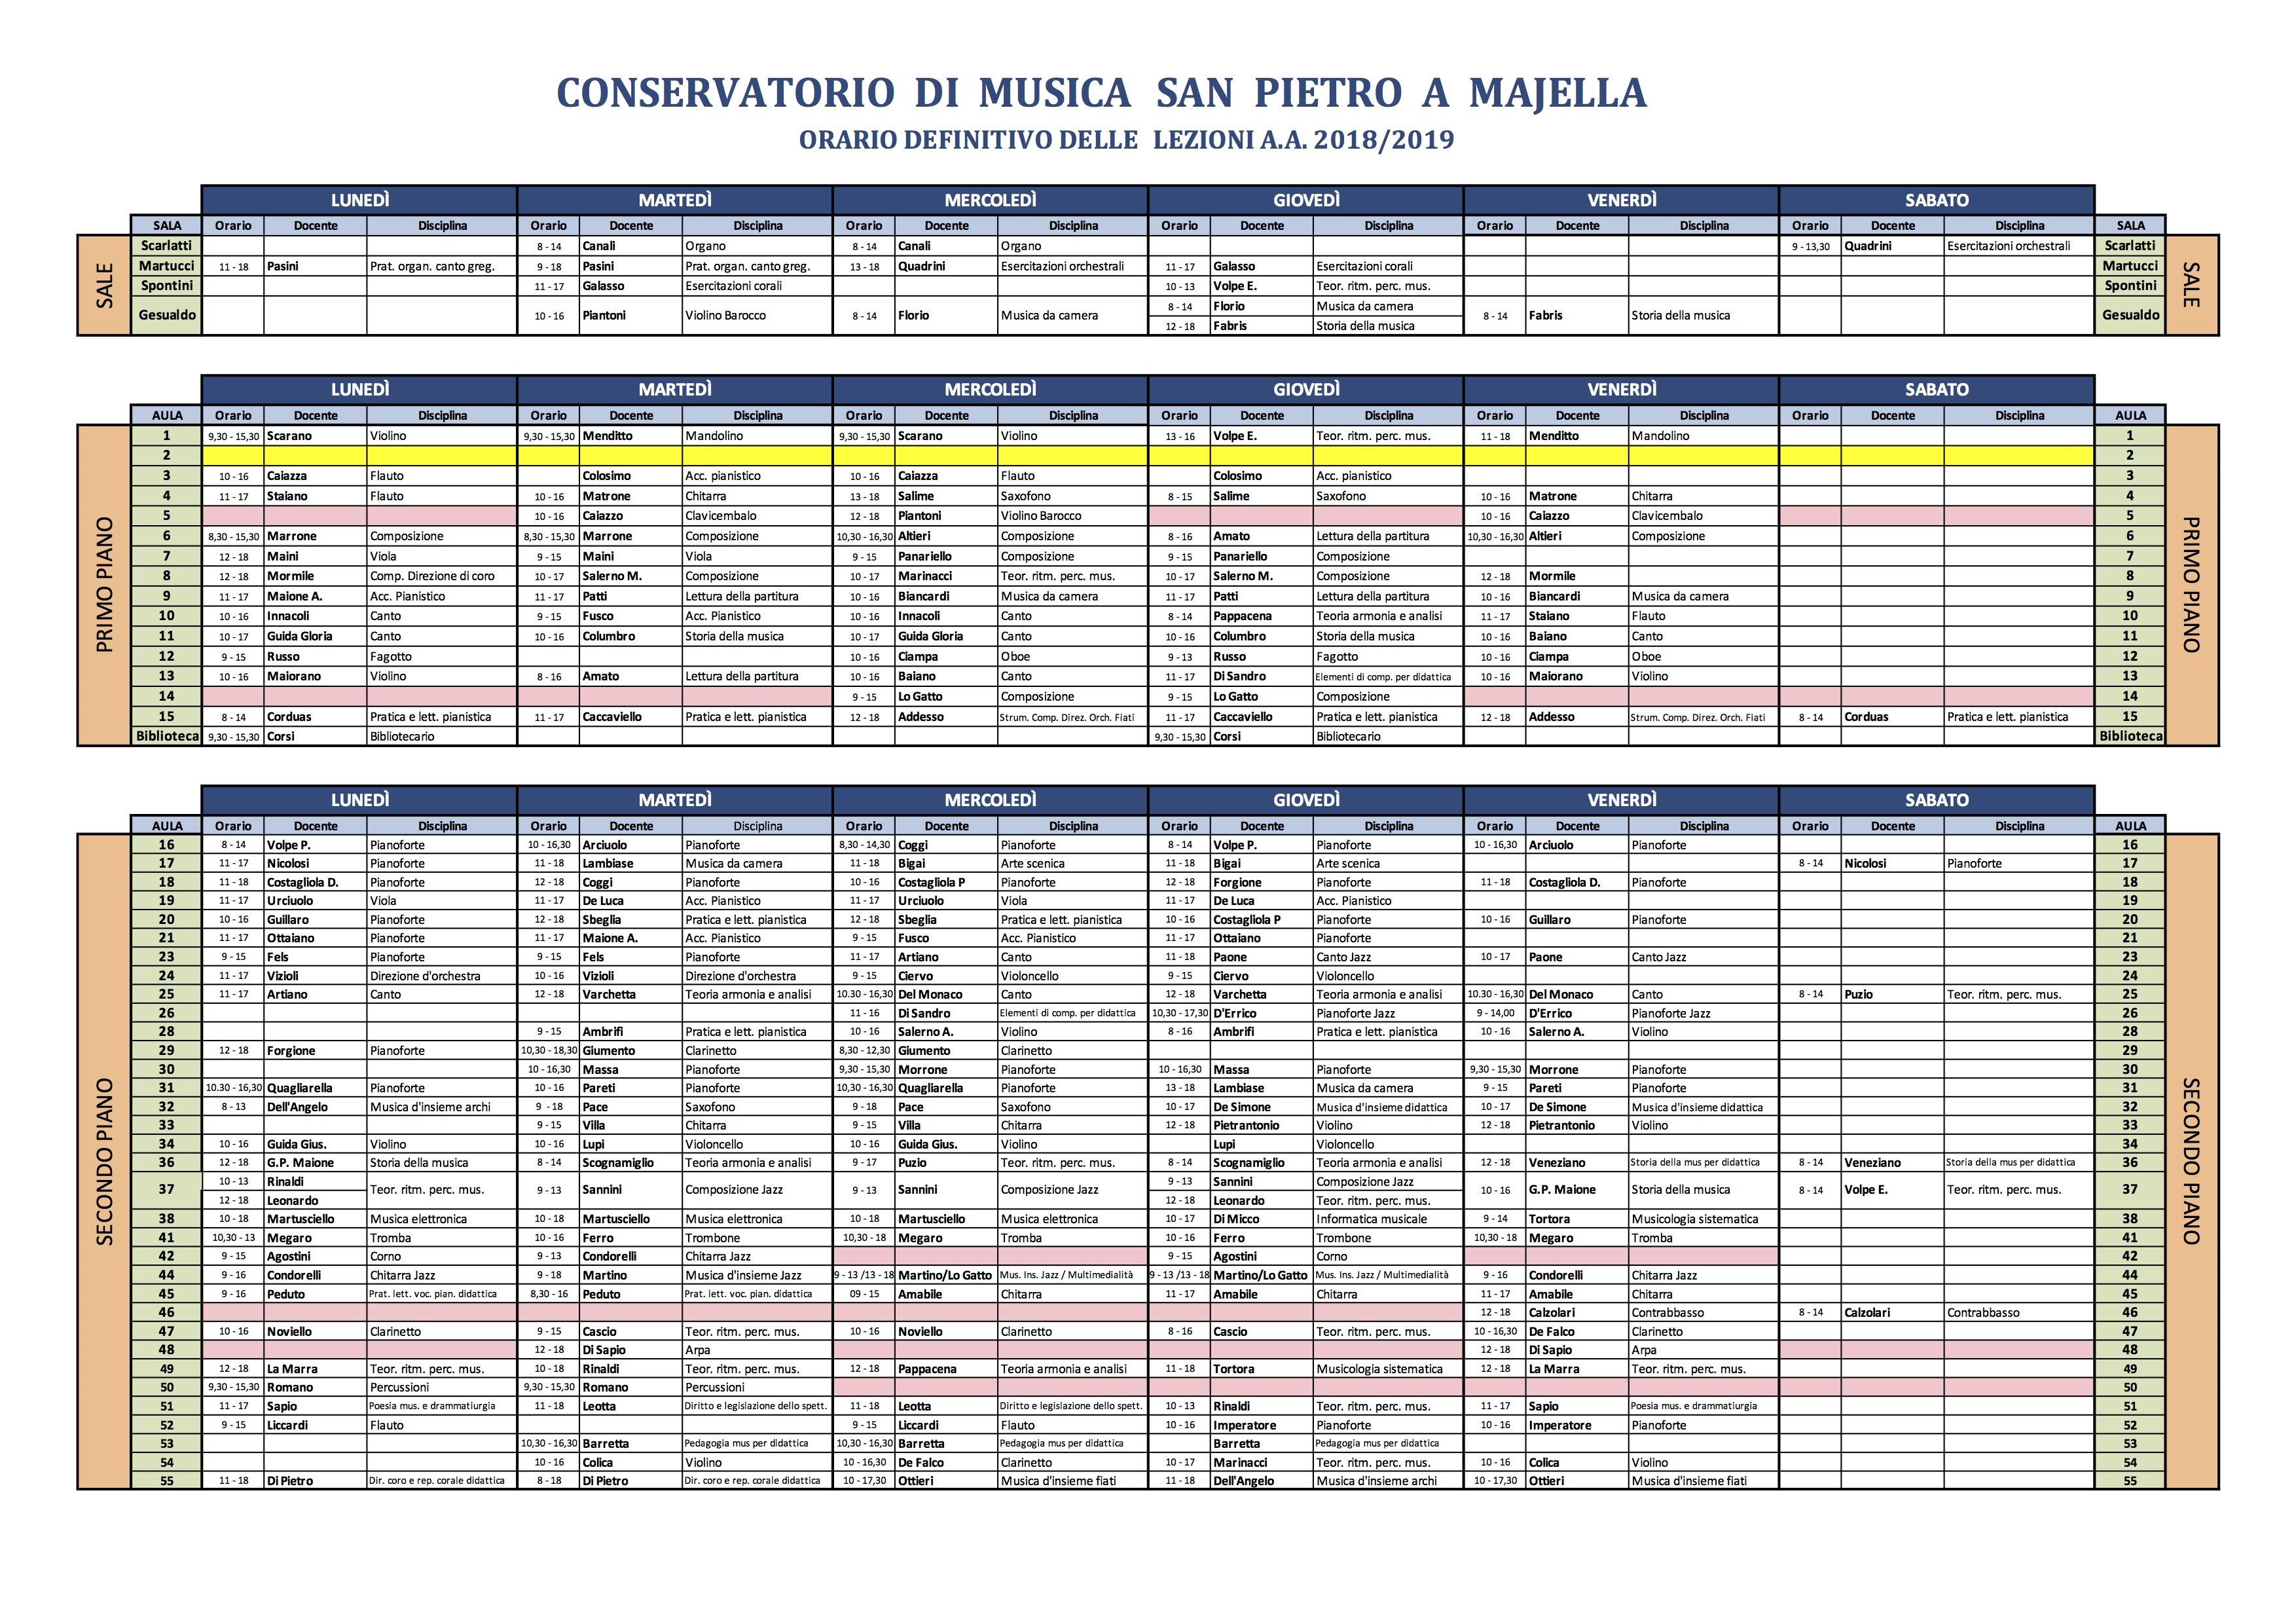 San Simone Calendario.Calendari Lezione Conservatorio Di Musica San Pietro A Majella